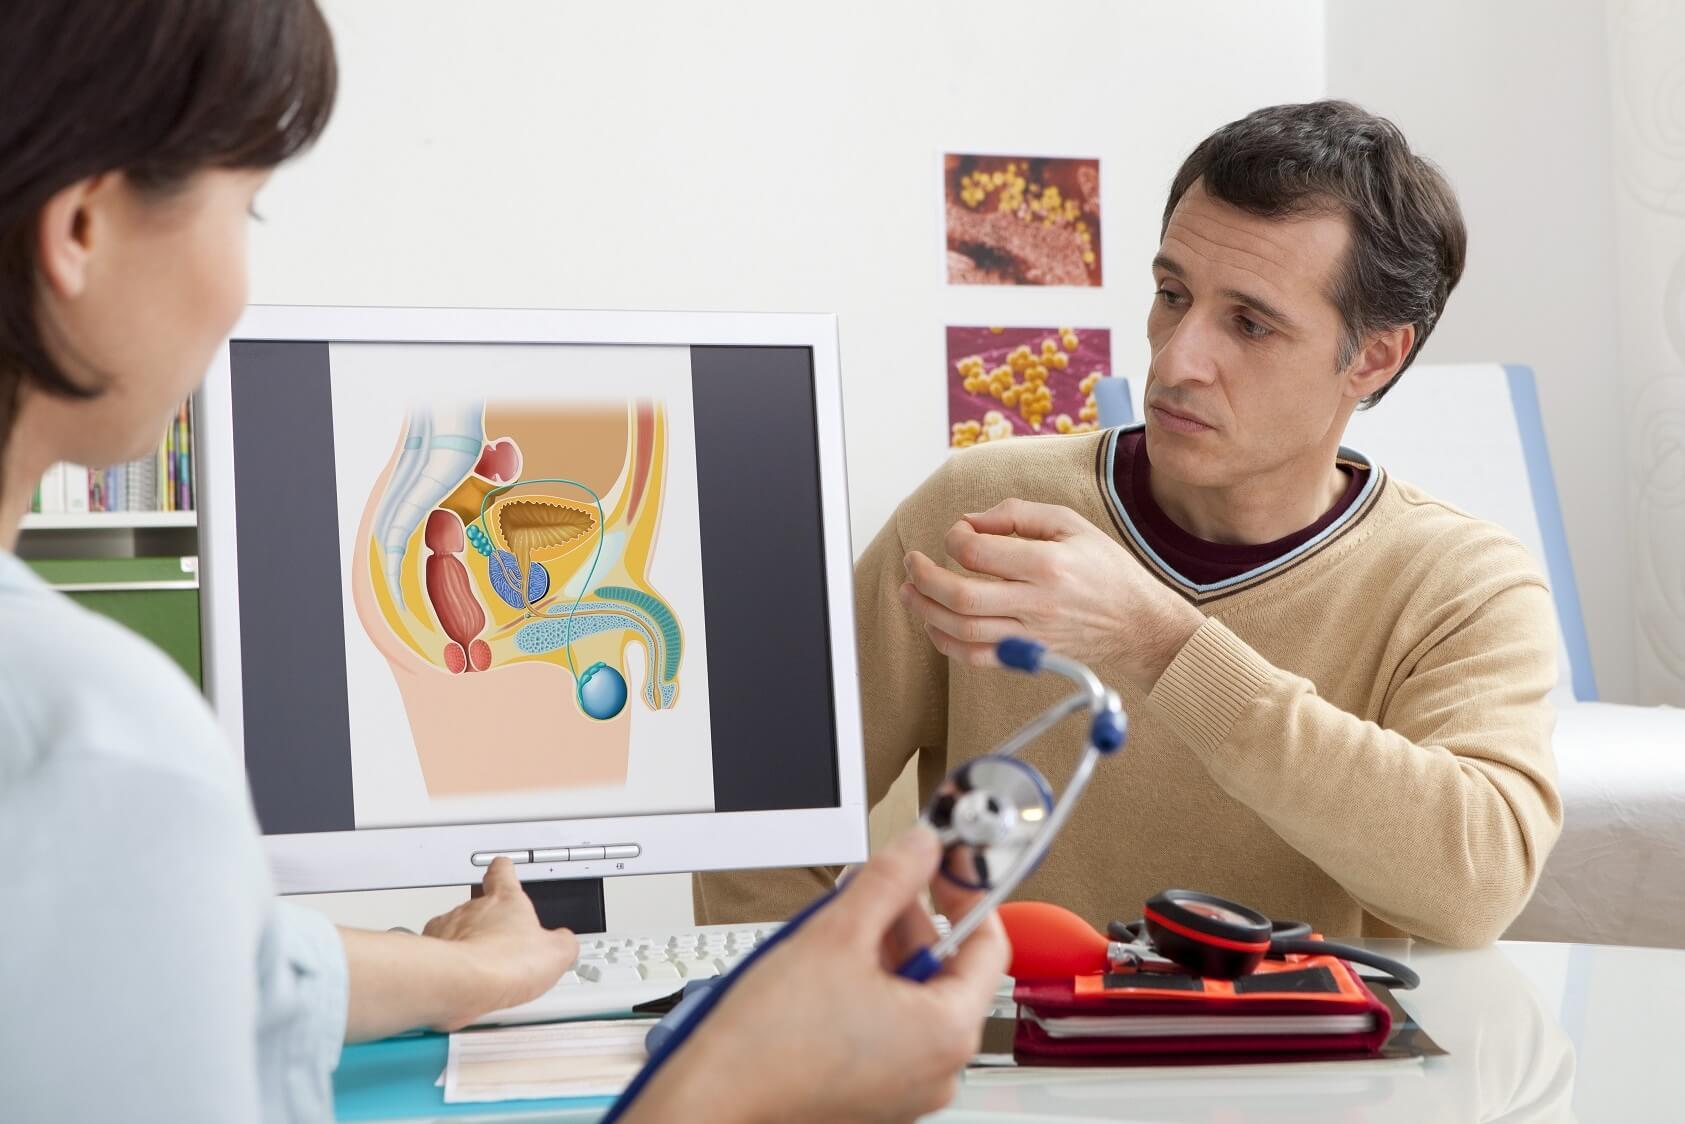 мденома предстательной железы диагонстика